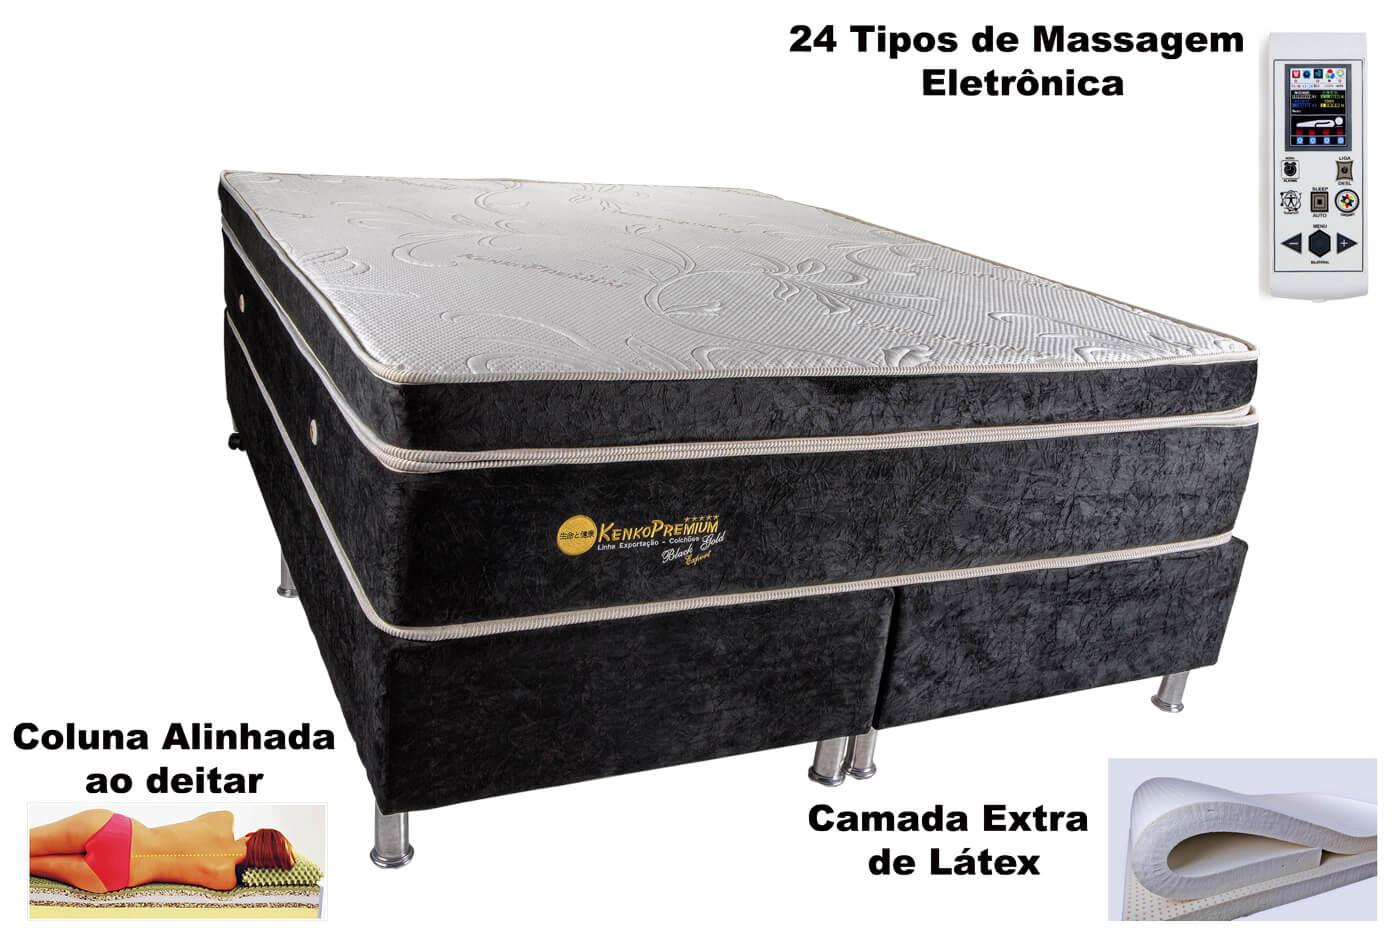 Colchão Magnético Kenko Premium, HR 29cm Látex + Massagem + Cromo  - Kenko Premium Colchões